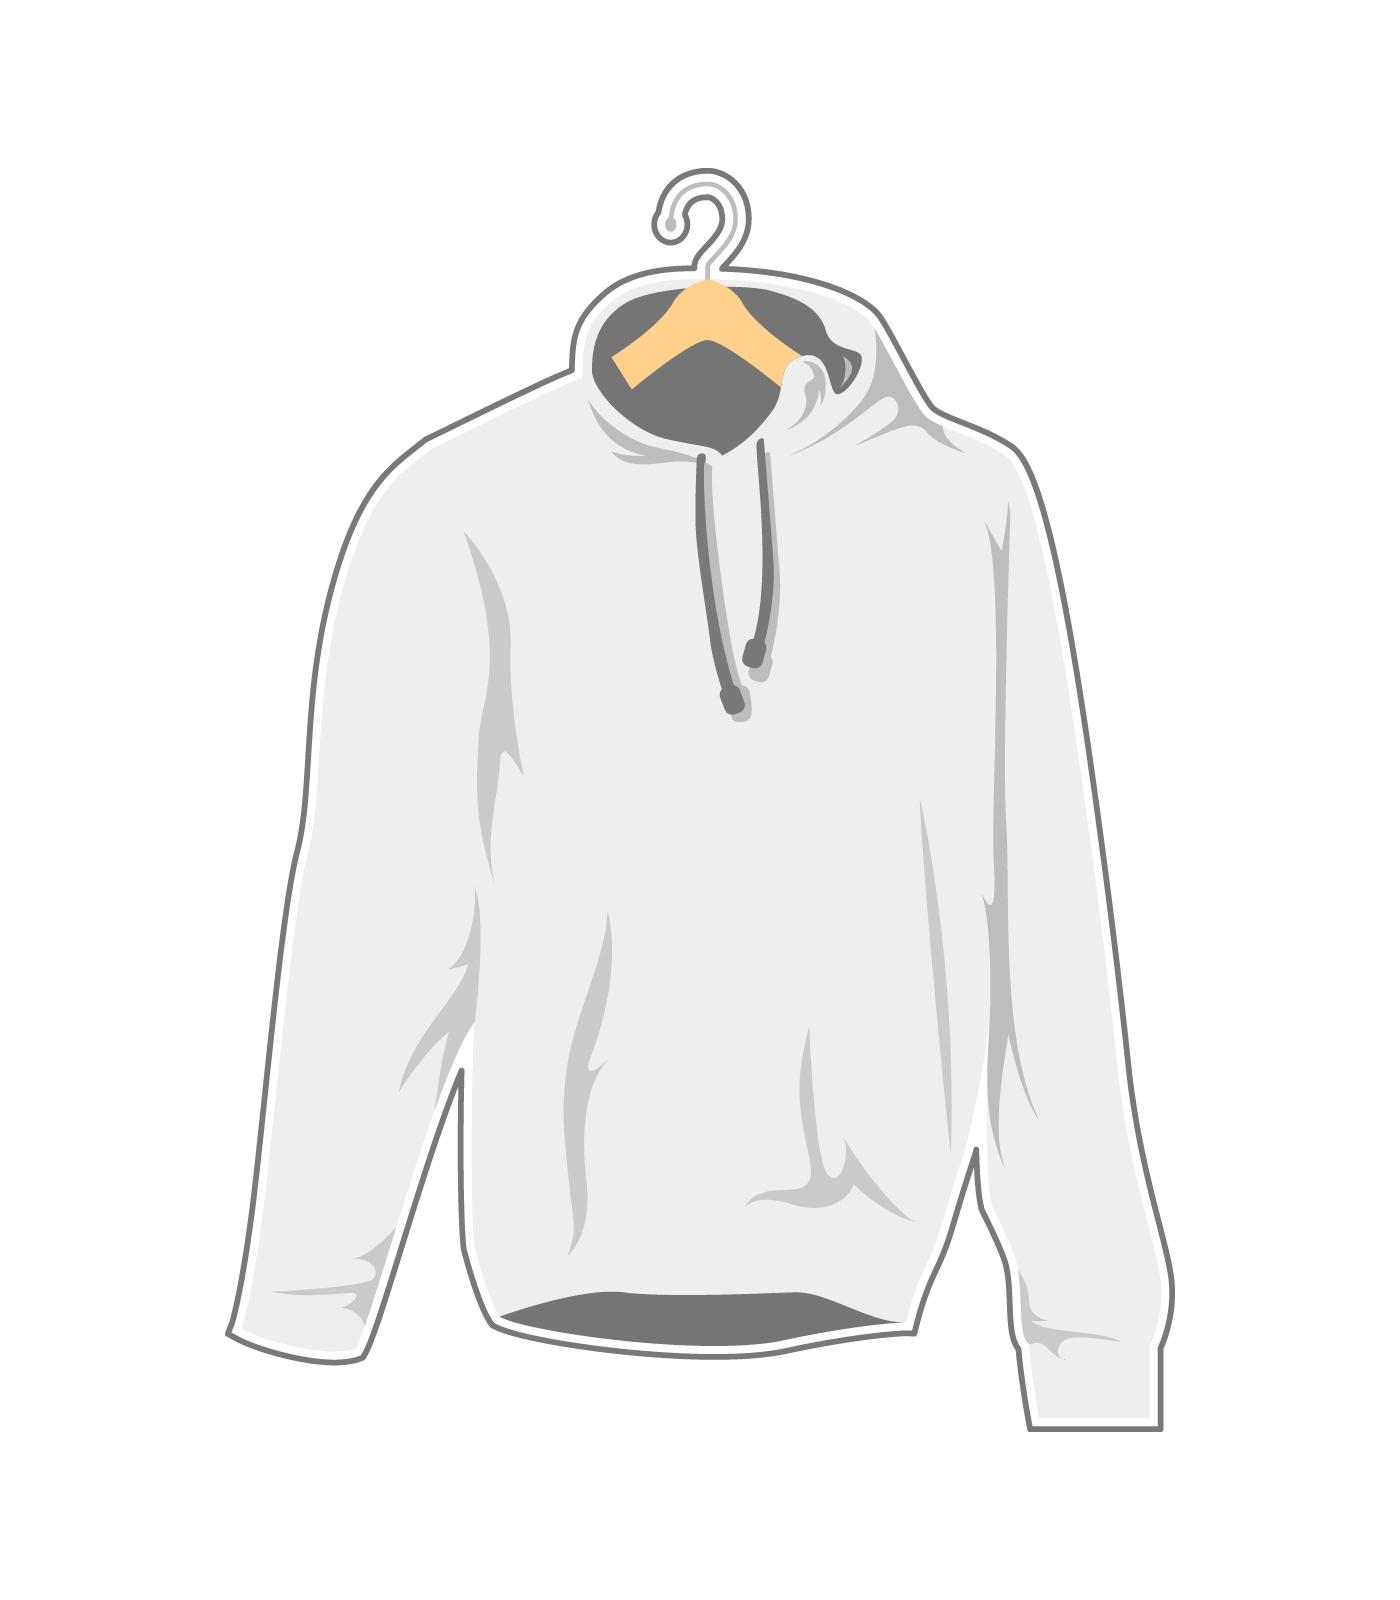 leere weiße Kleiderbügel mit Kapuze Sweatshirt Vorlage - Kostenlose ...